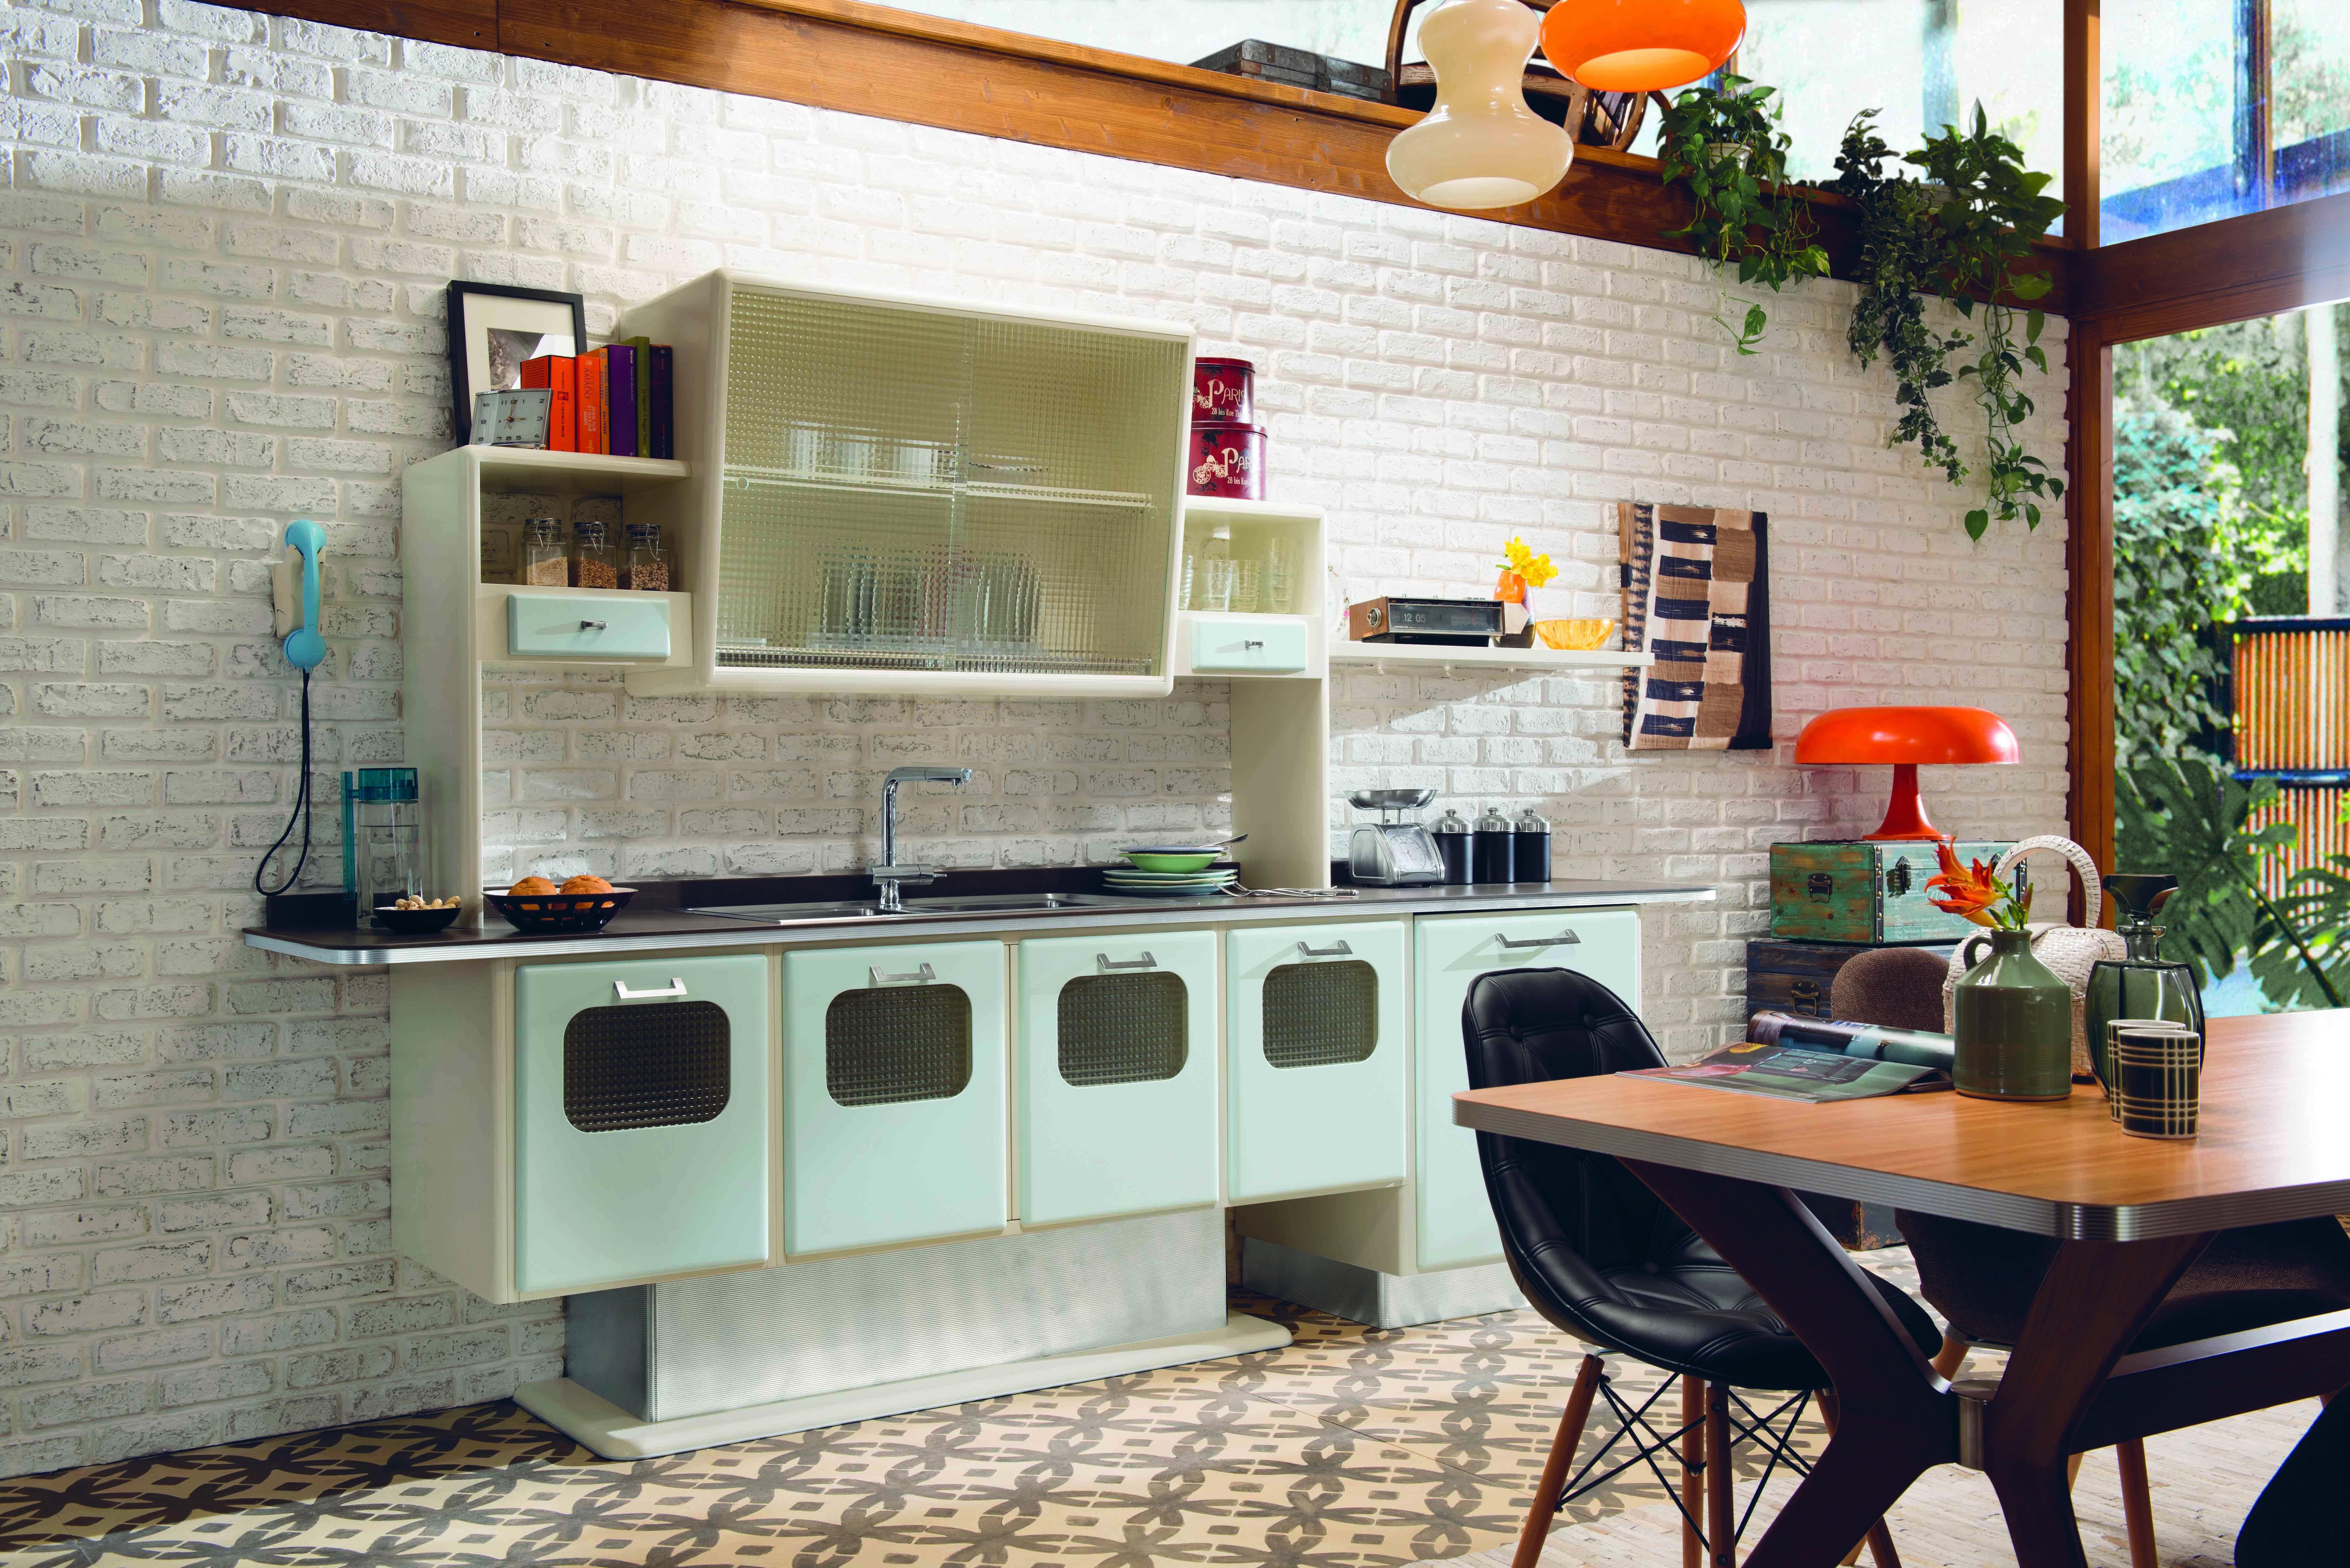 Moduli cucine latest moduli per cucine componibili ikea for Moduli cucina